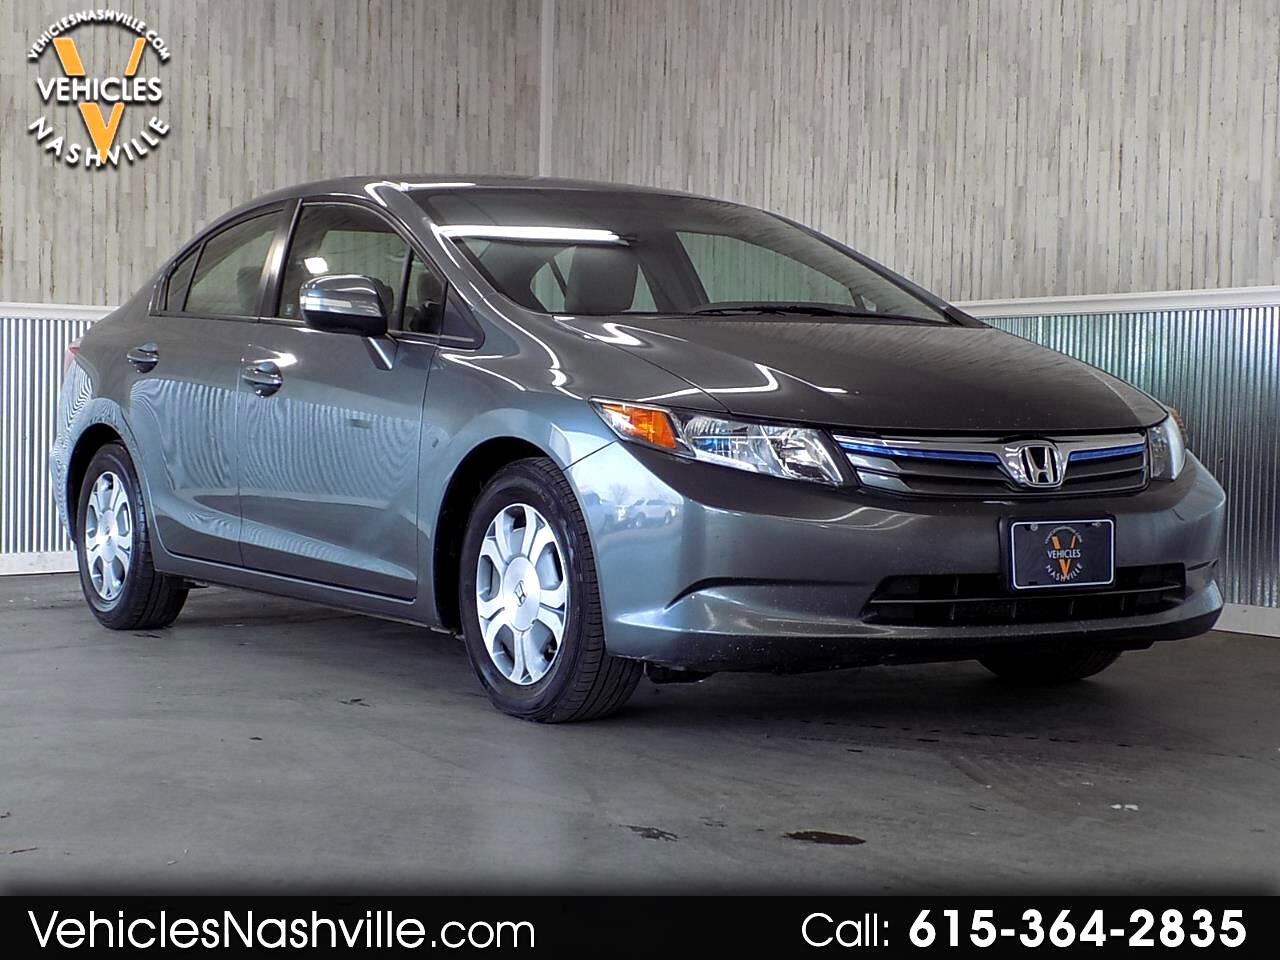 2012 Honda Civic Hybrid 4dr Sdn L4 CVT